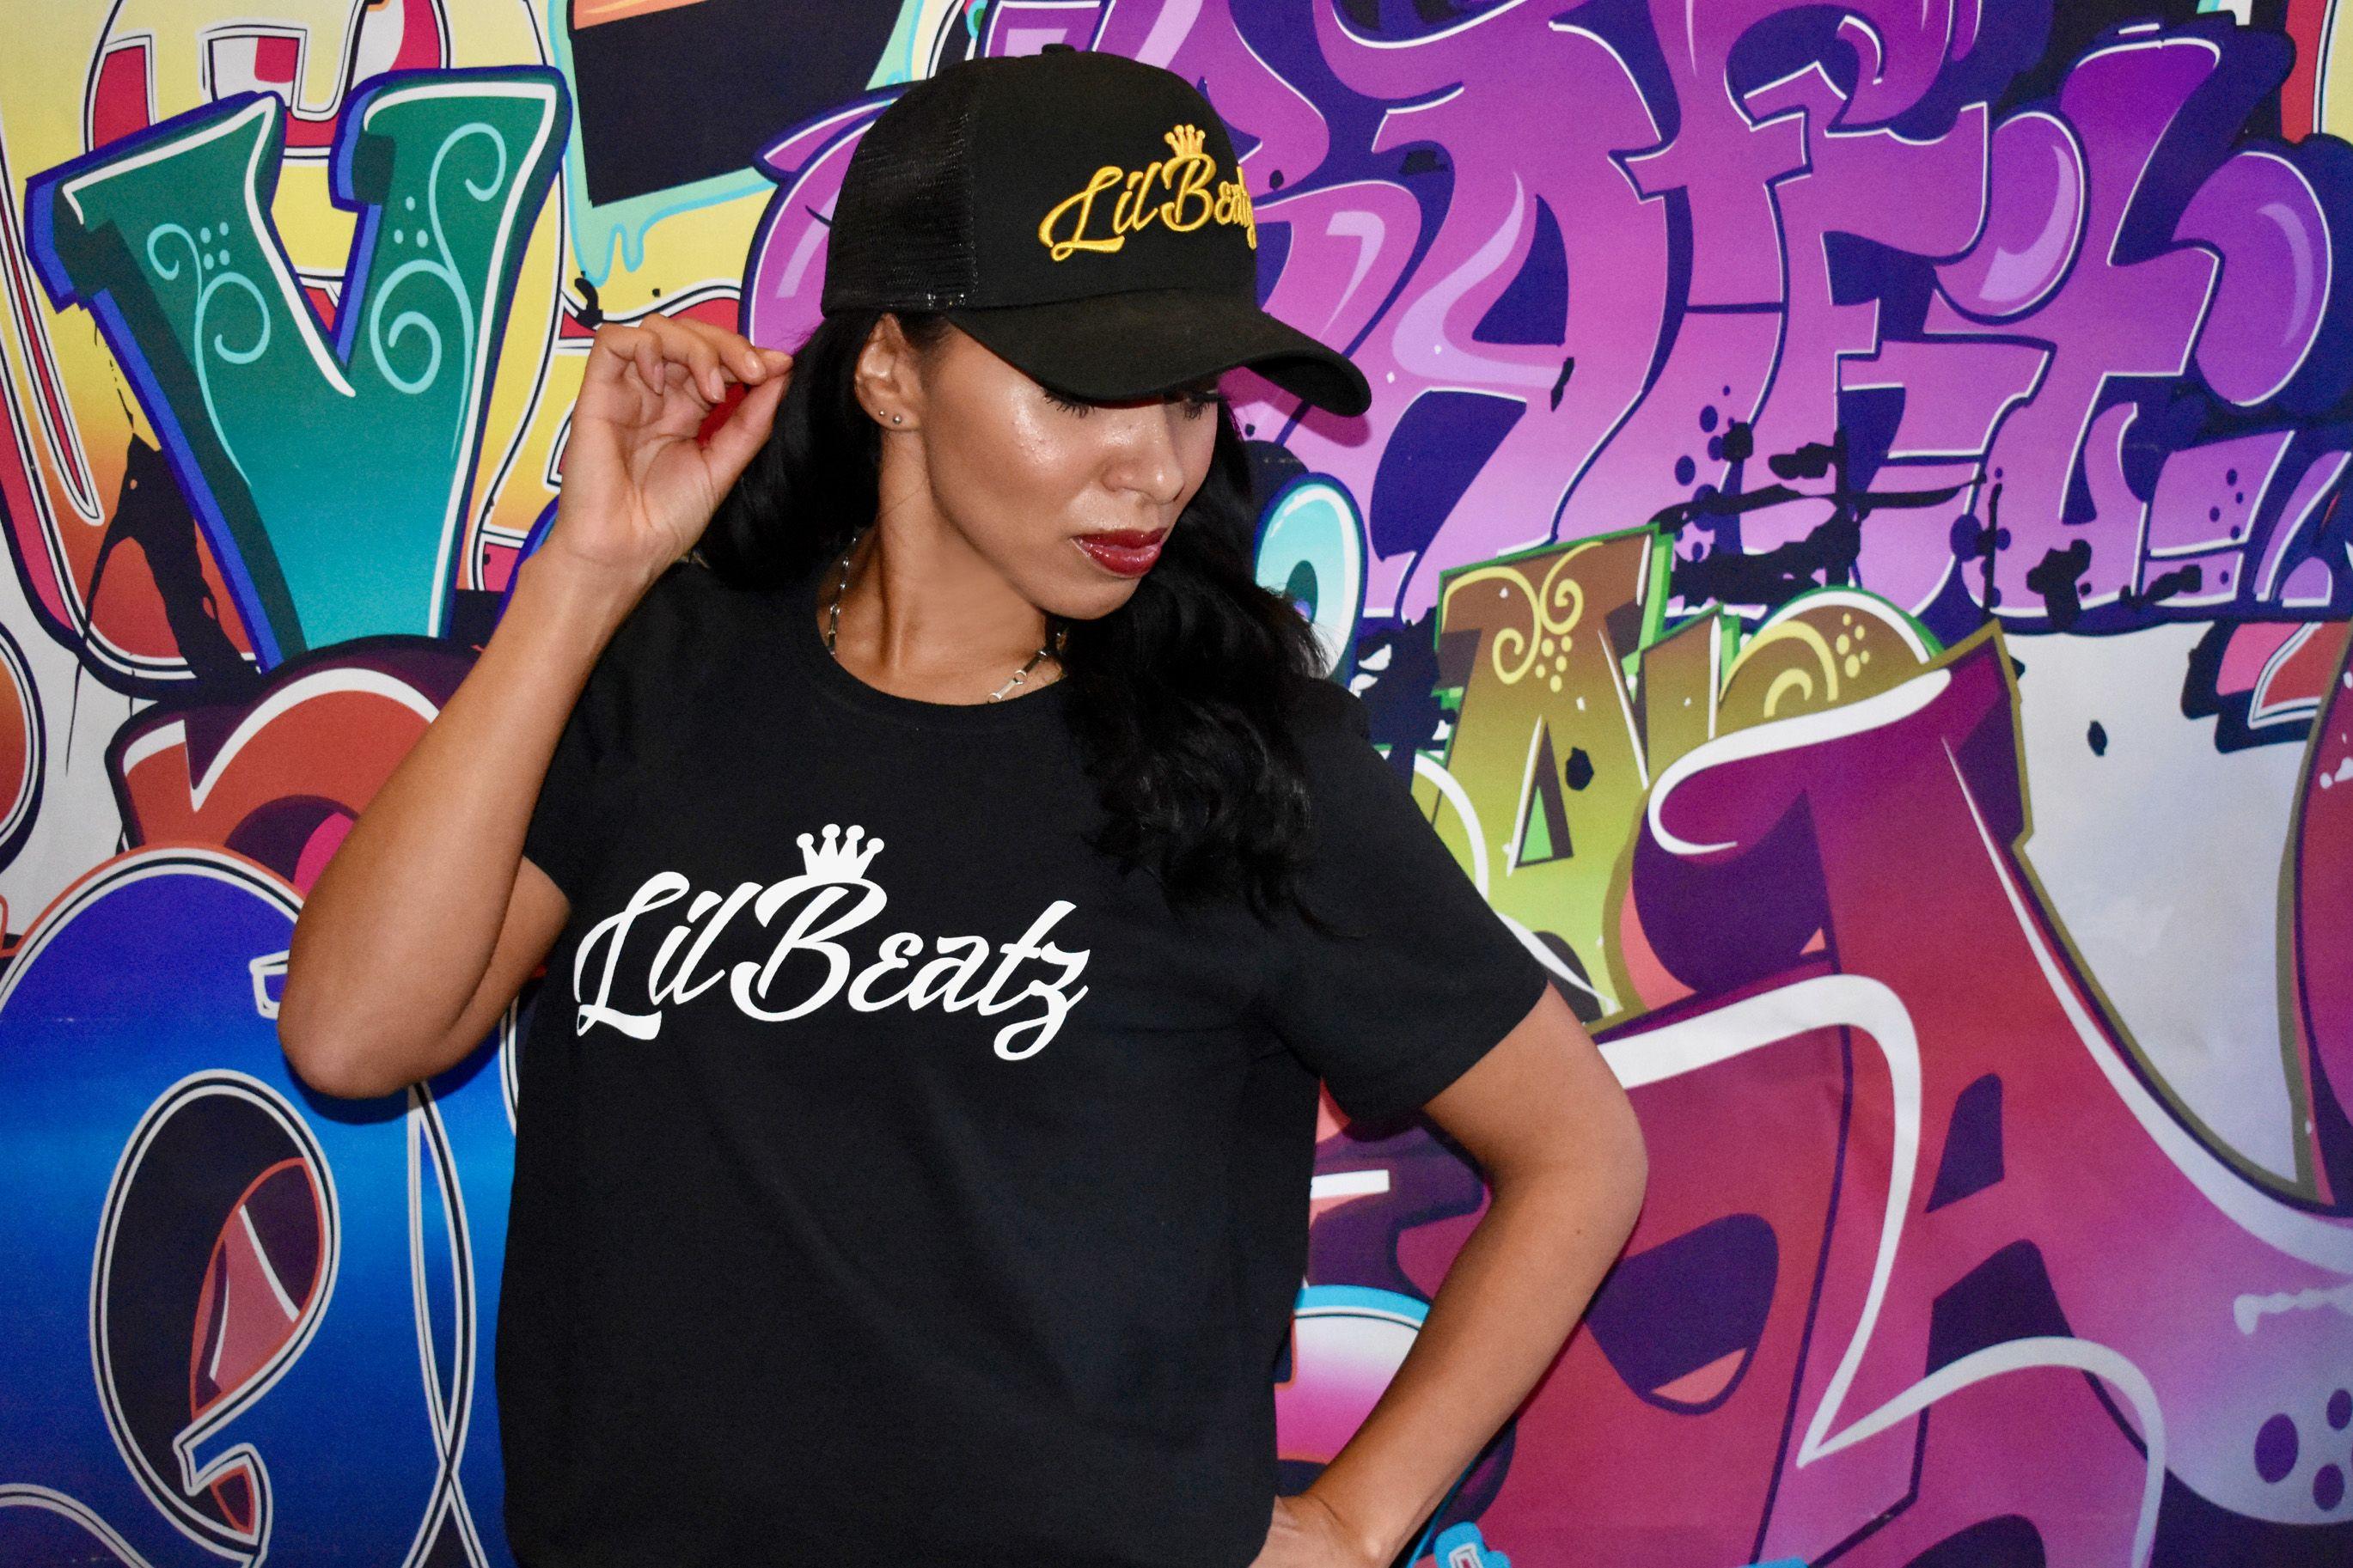 Lil Beatz Street Dance Goals